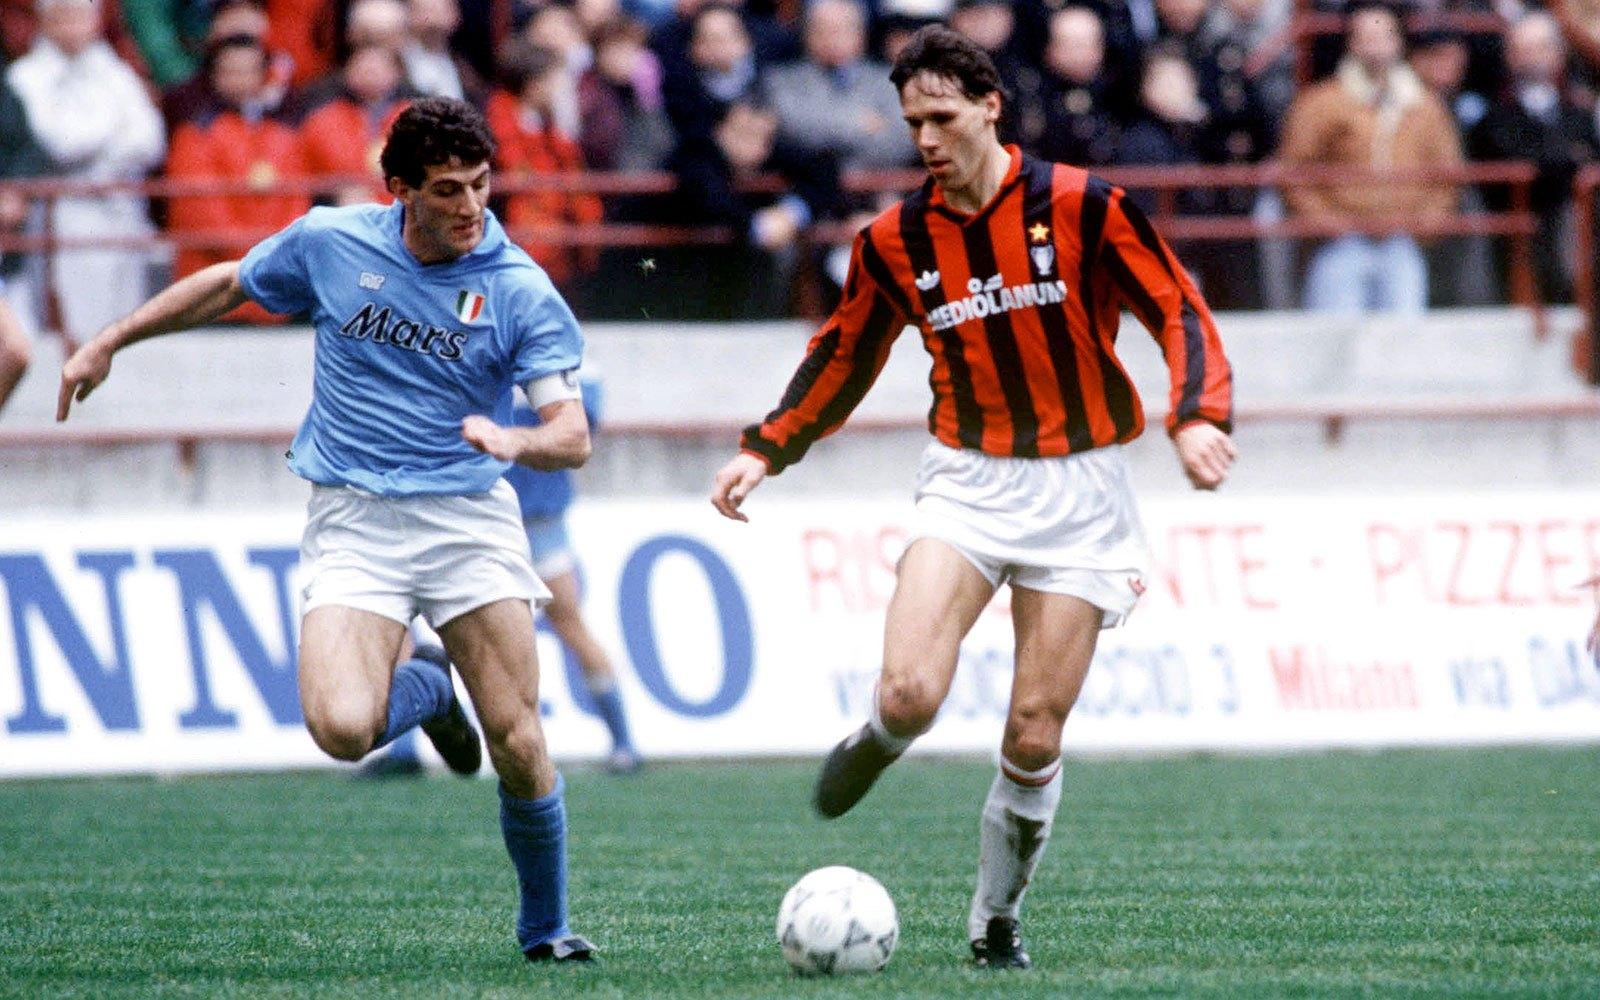 Hình ảnh của Marco Van Basten trong màu áo AC Milan